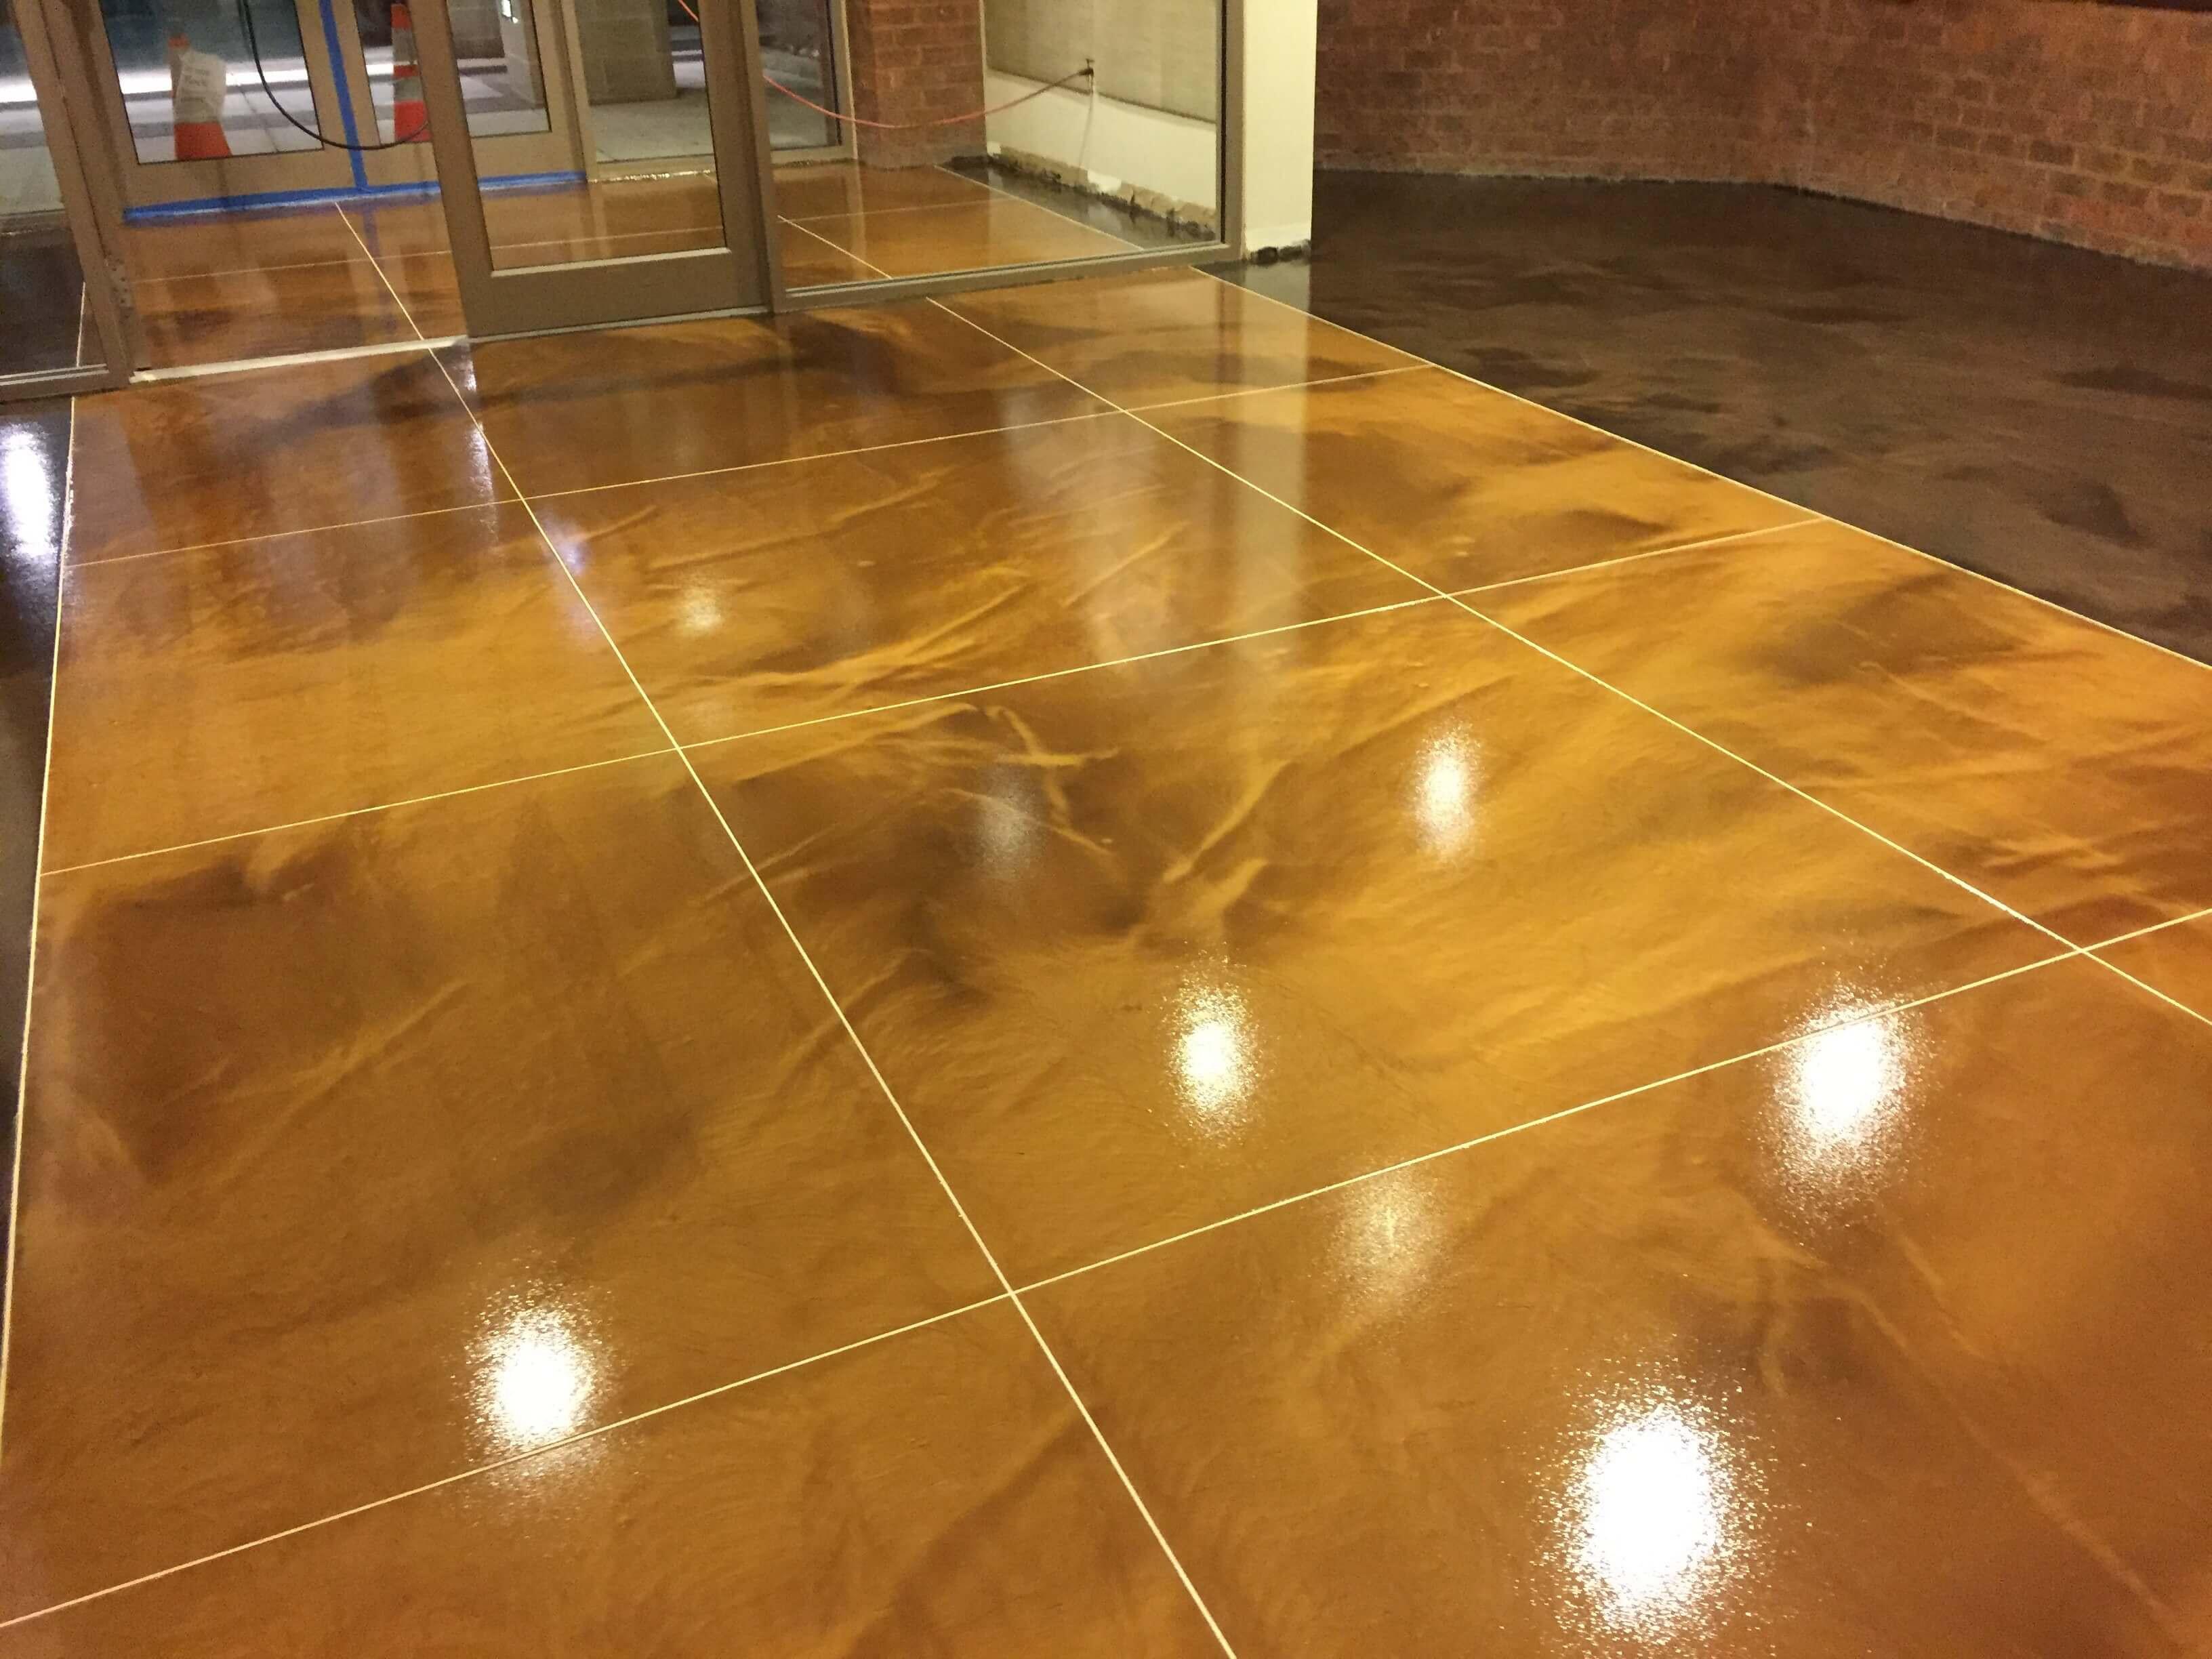 Hardwood Floor Refinishing Ellicott City Md Of Metrocrete Potomac Garage solutions Ellicott Md Pertaining to Polished Concrete Epoxy Maryland Polished Concrete Flooring